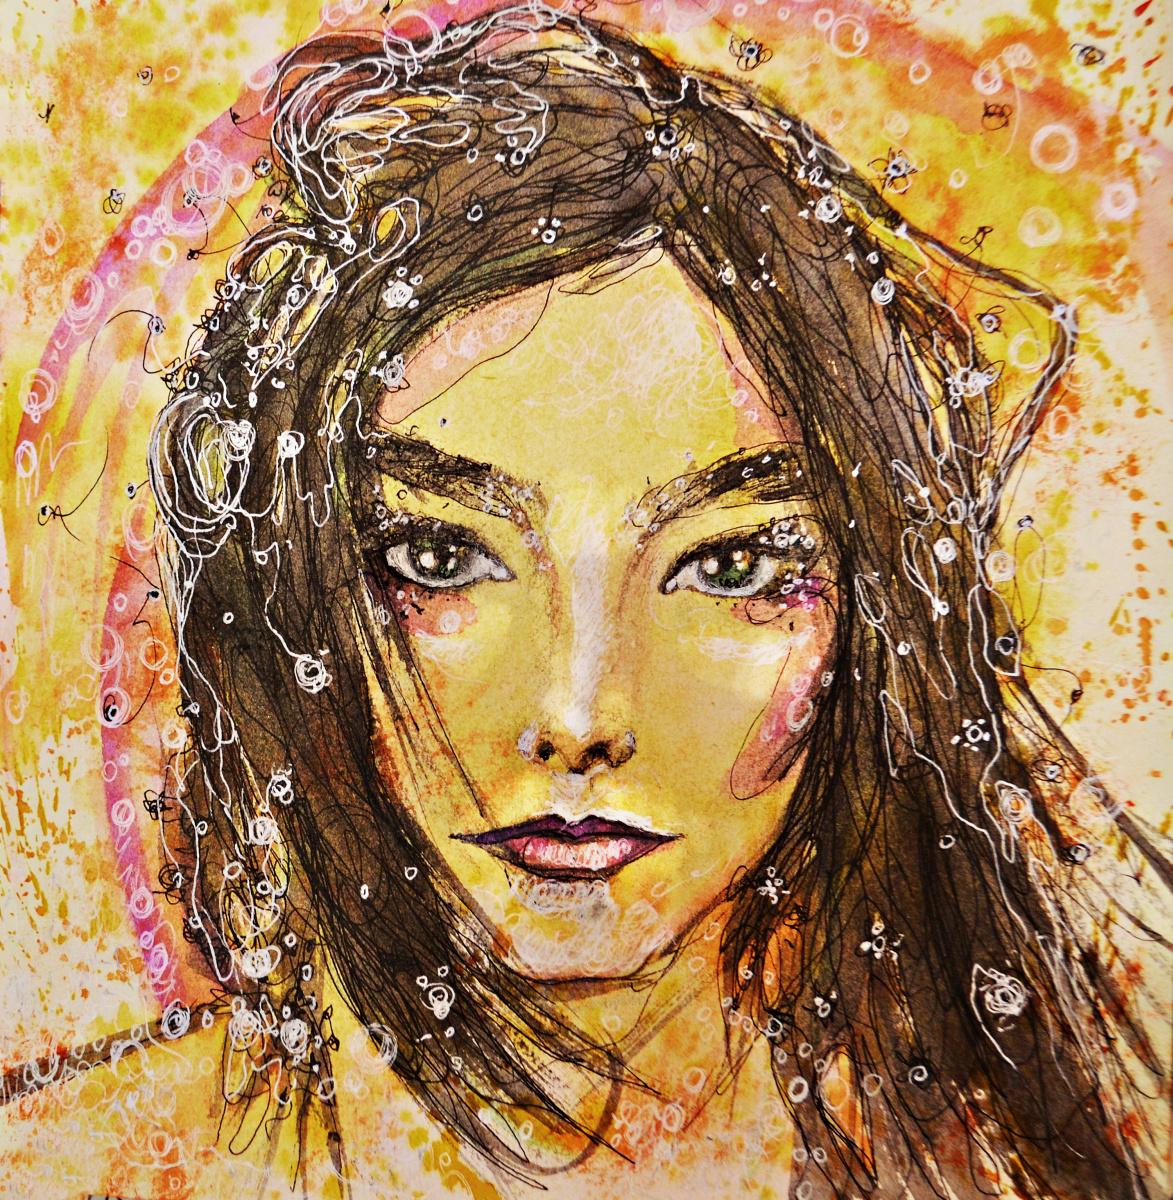 Елена Валерьевна Ведяева. Björk